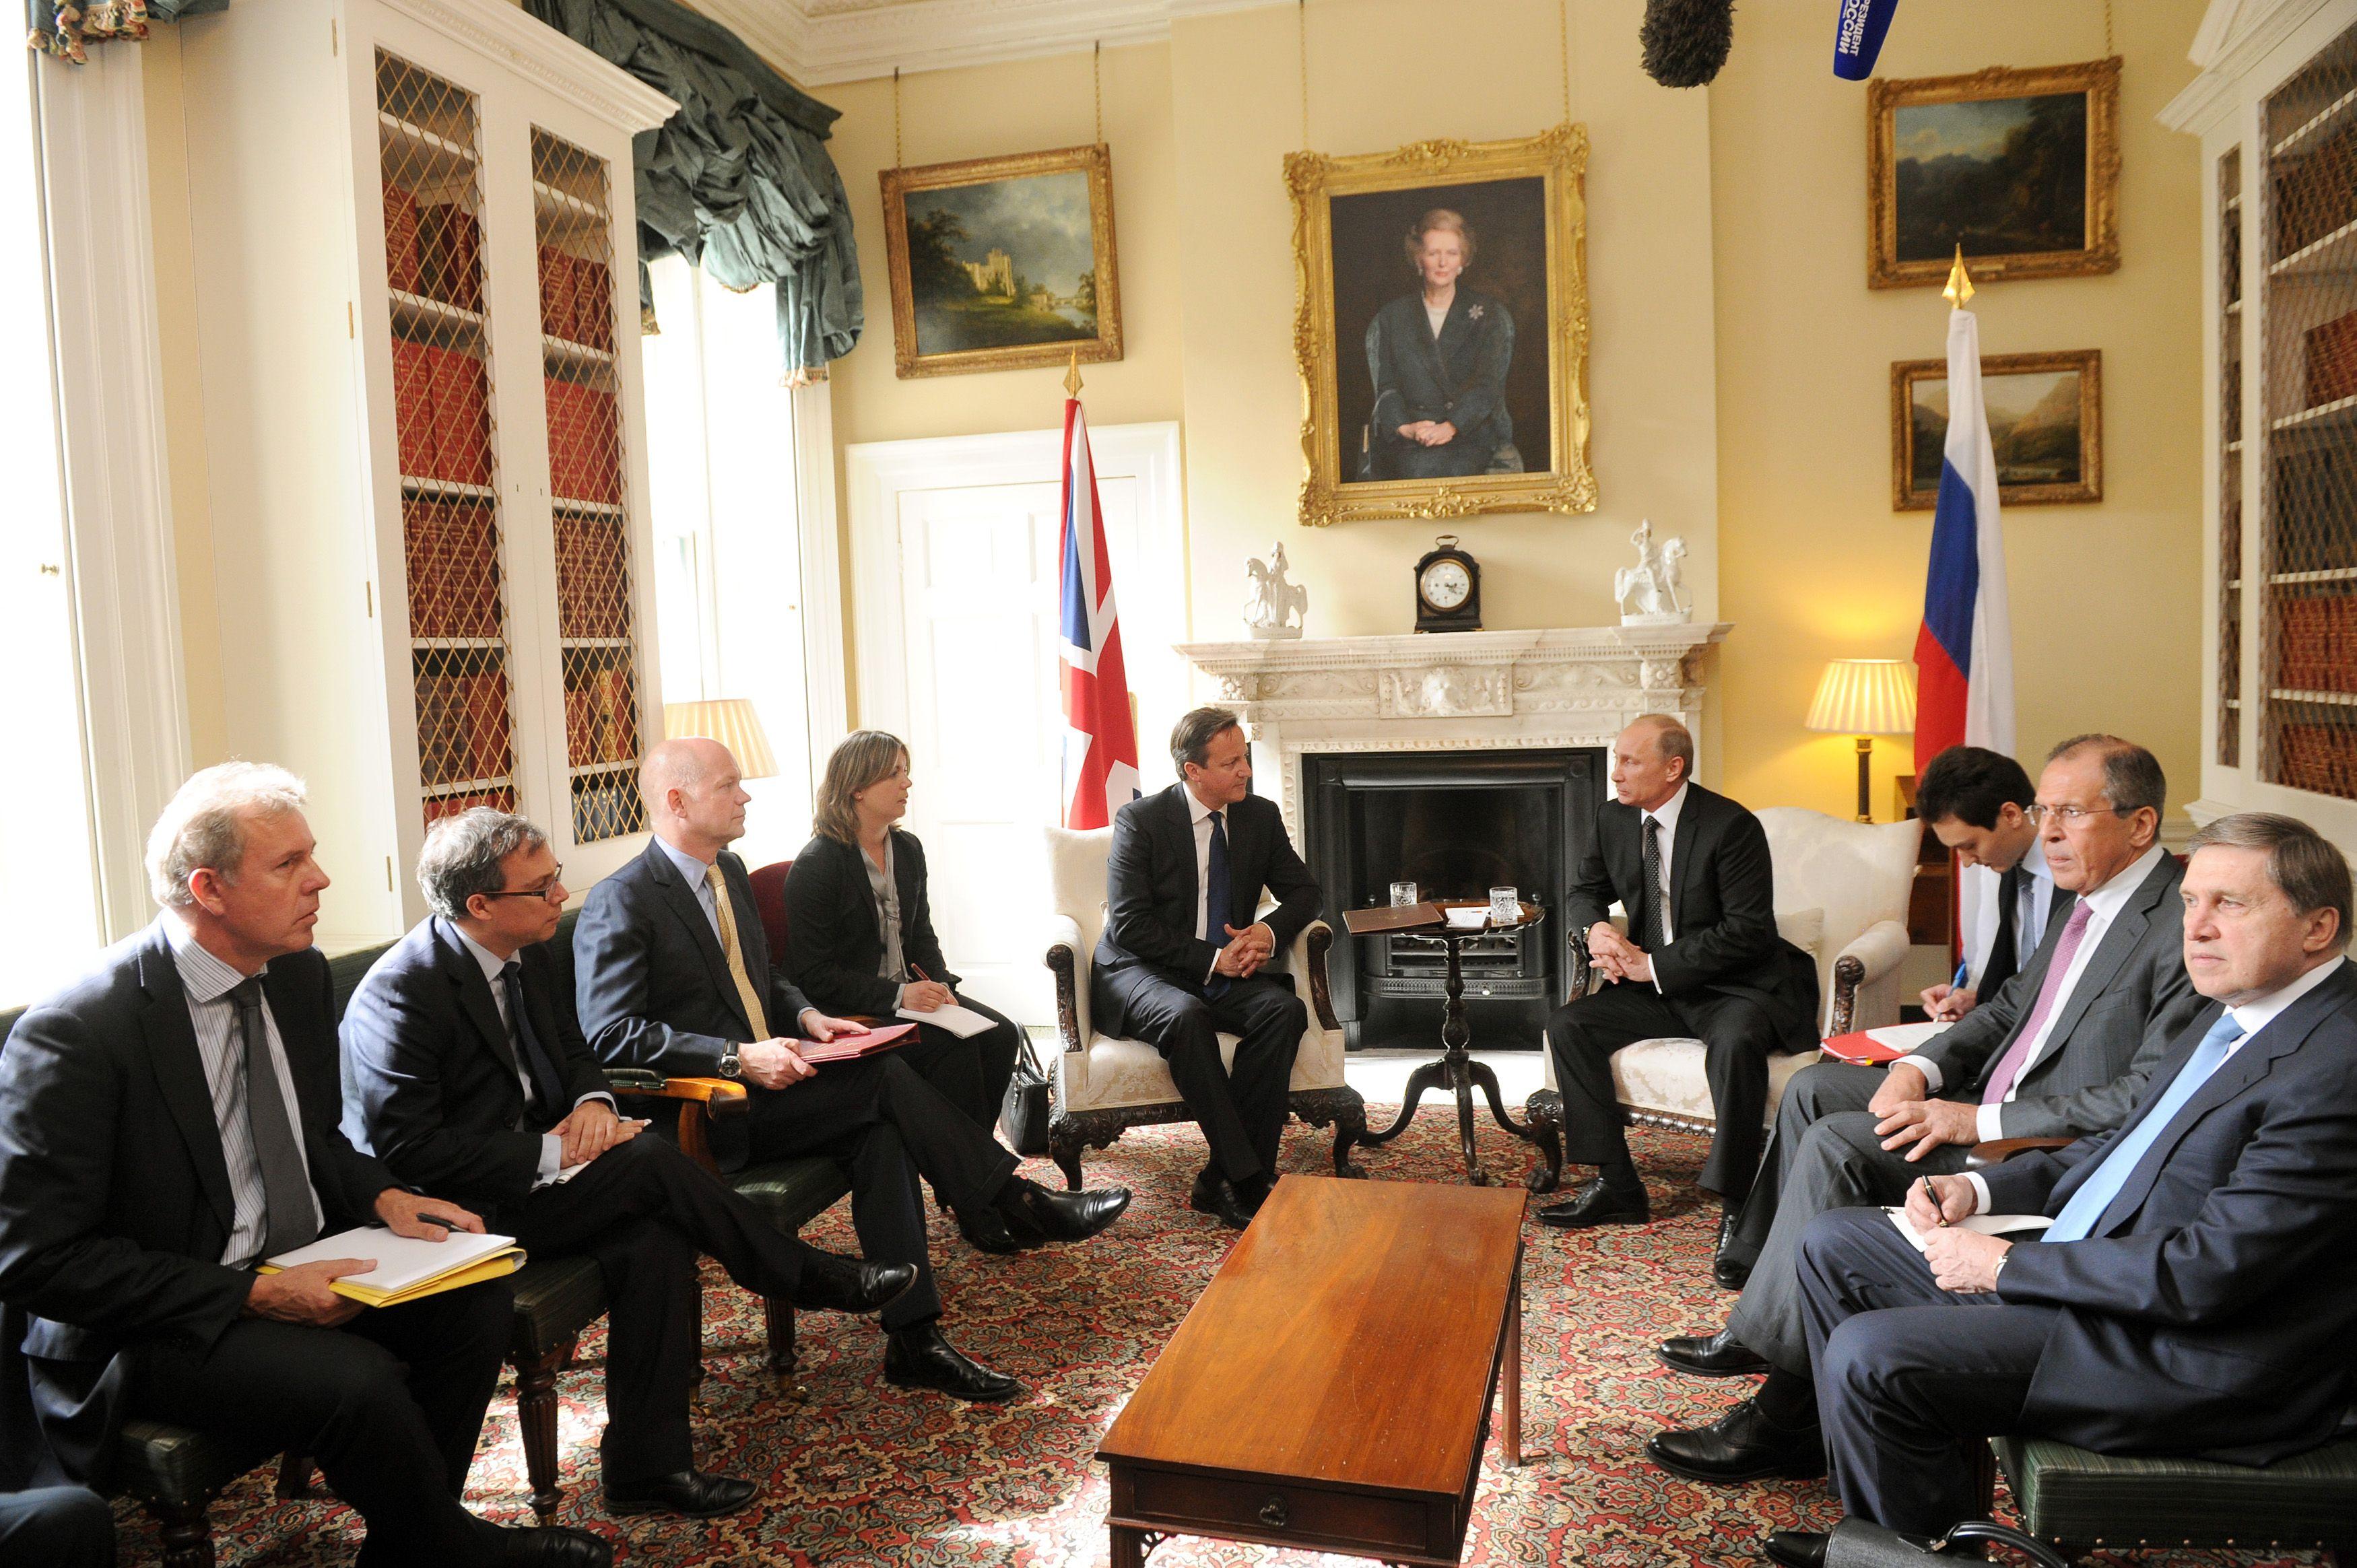 Le G8 qui s'ouvre ce lundi à Lough Erne a pour thèmes principaux le commerce, la transparence internationale et la lutte contre les paradis fiscaux.